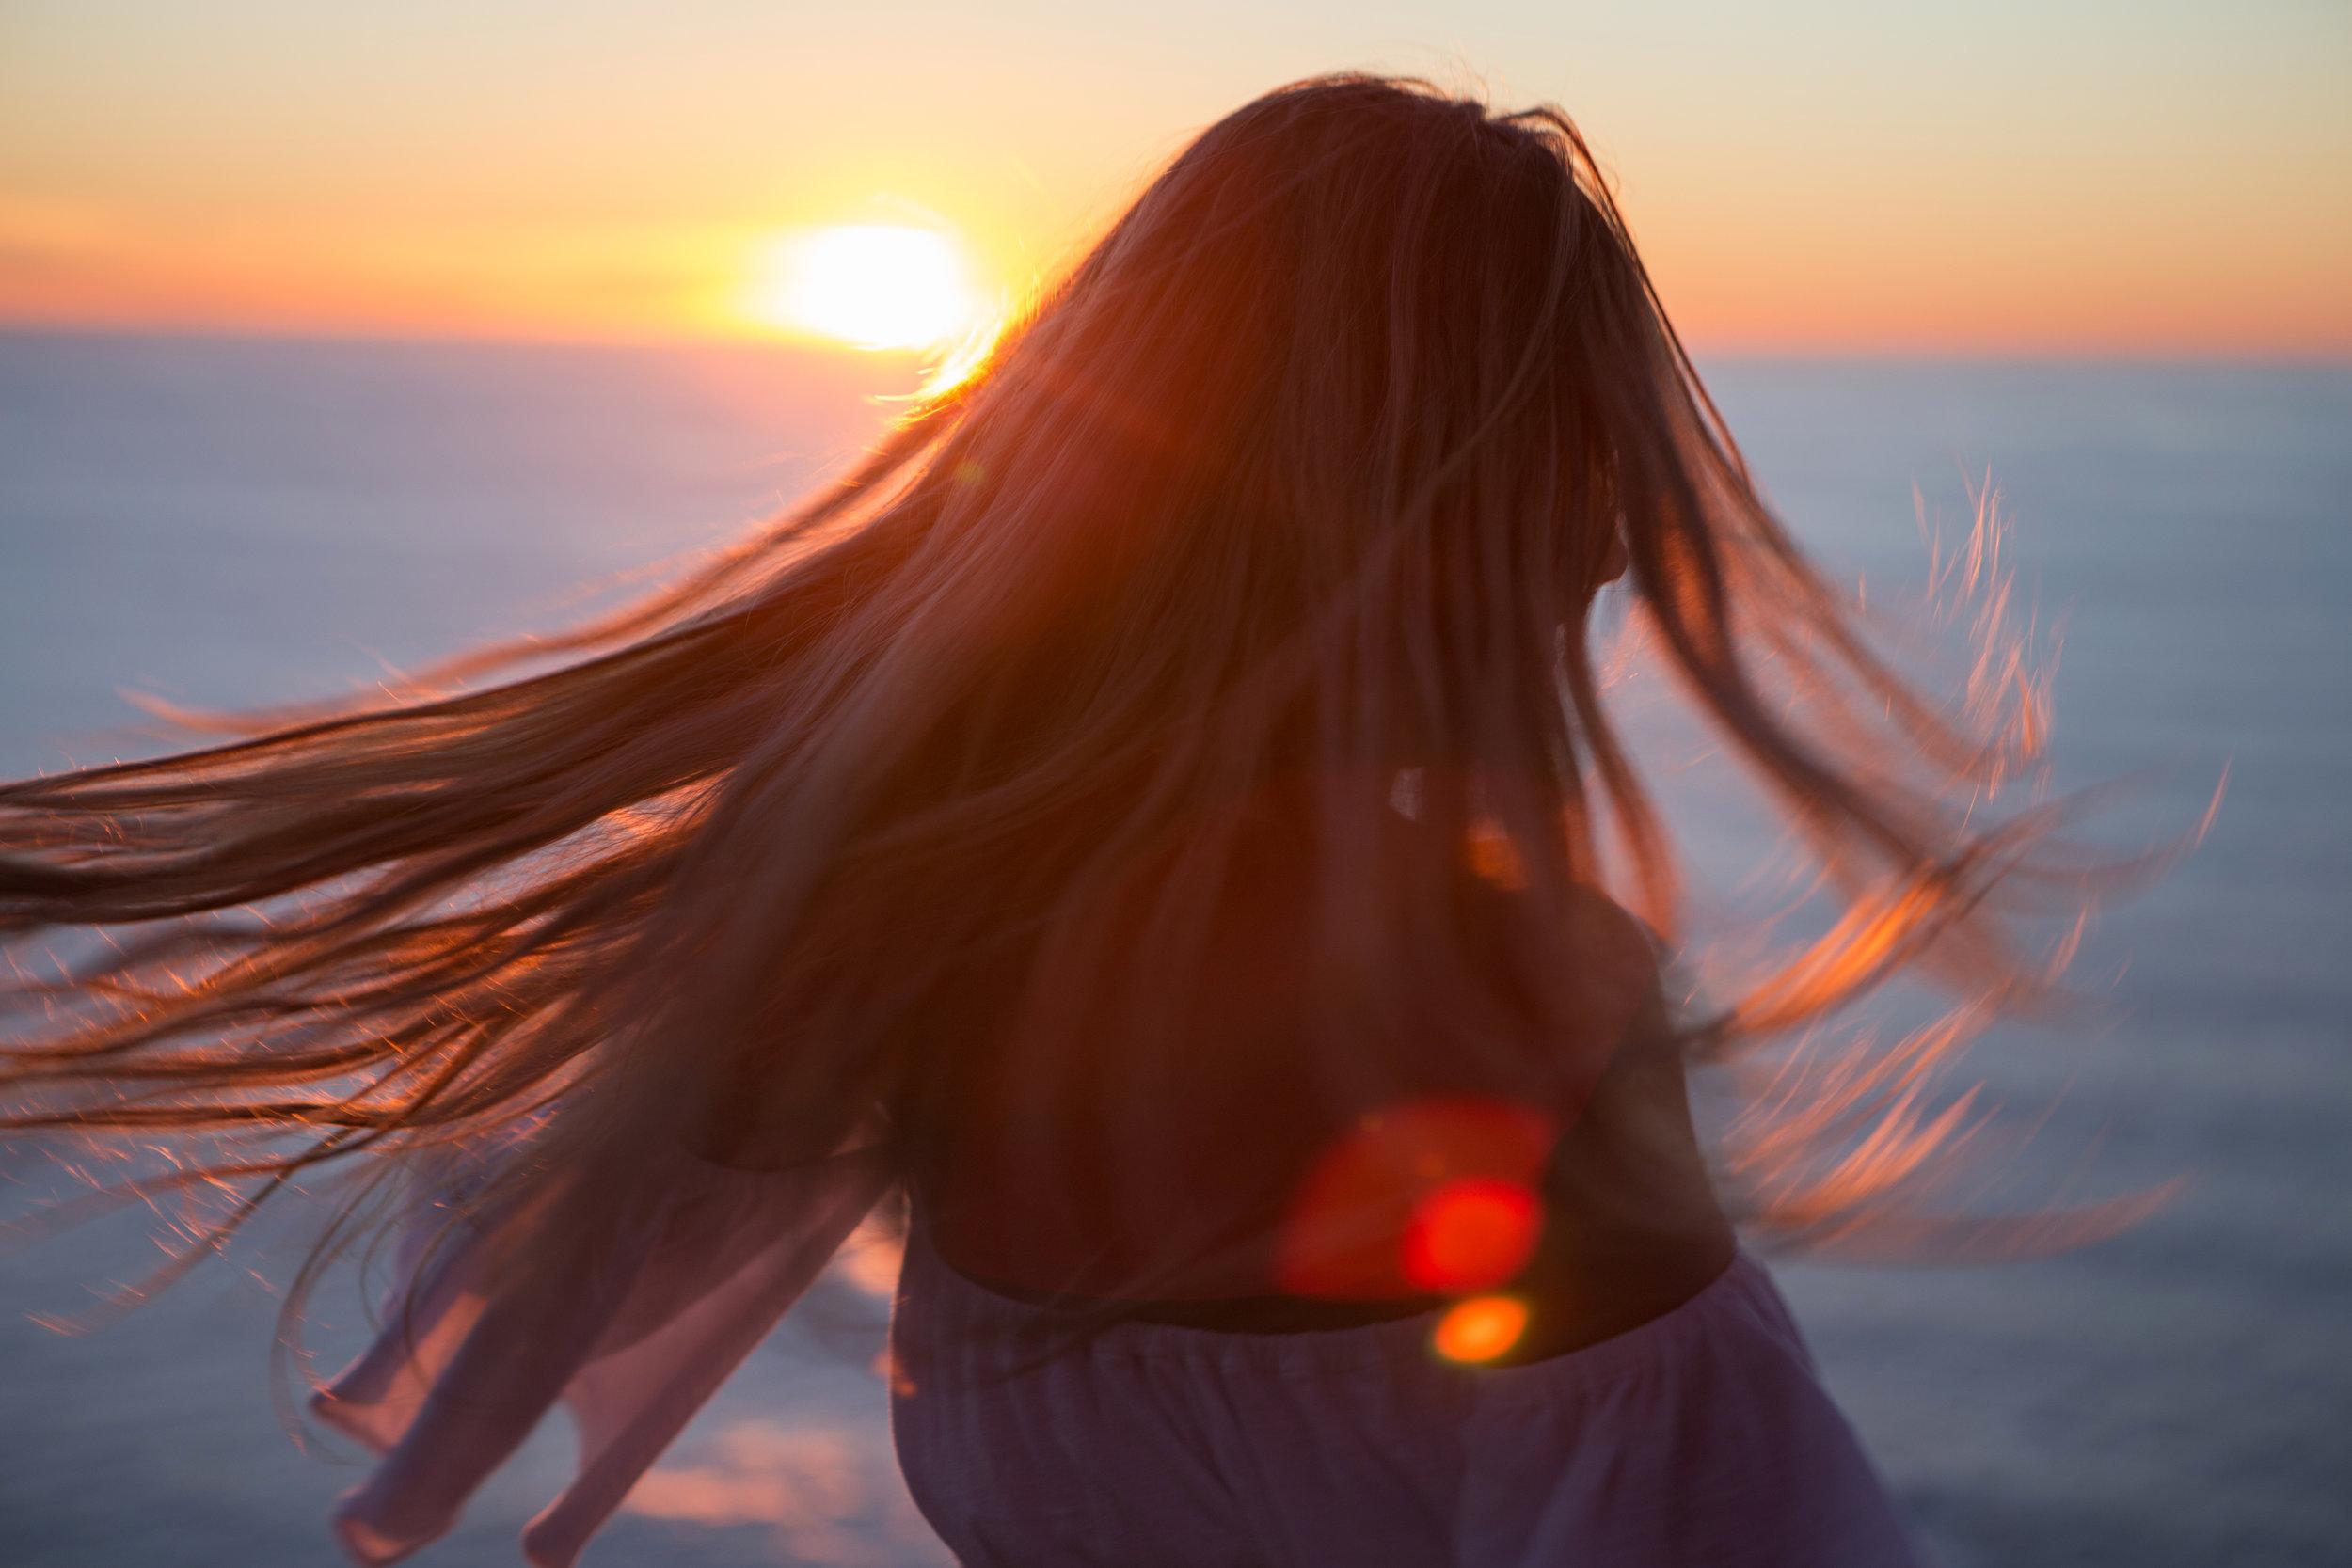 JordanRose_AstroBandit_Pitusa_BigSur_Sunset_WhiteRuffles_6.jpg